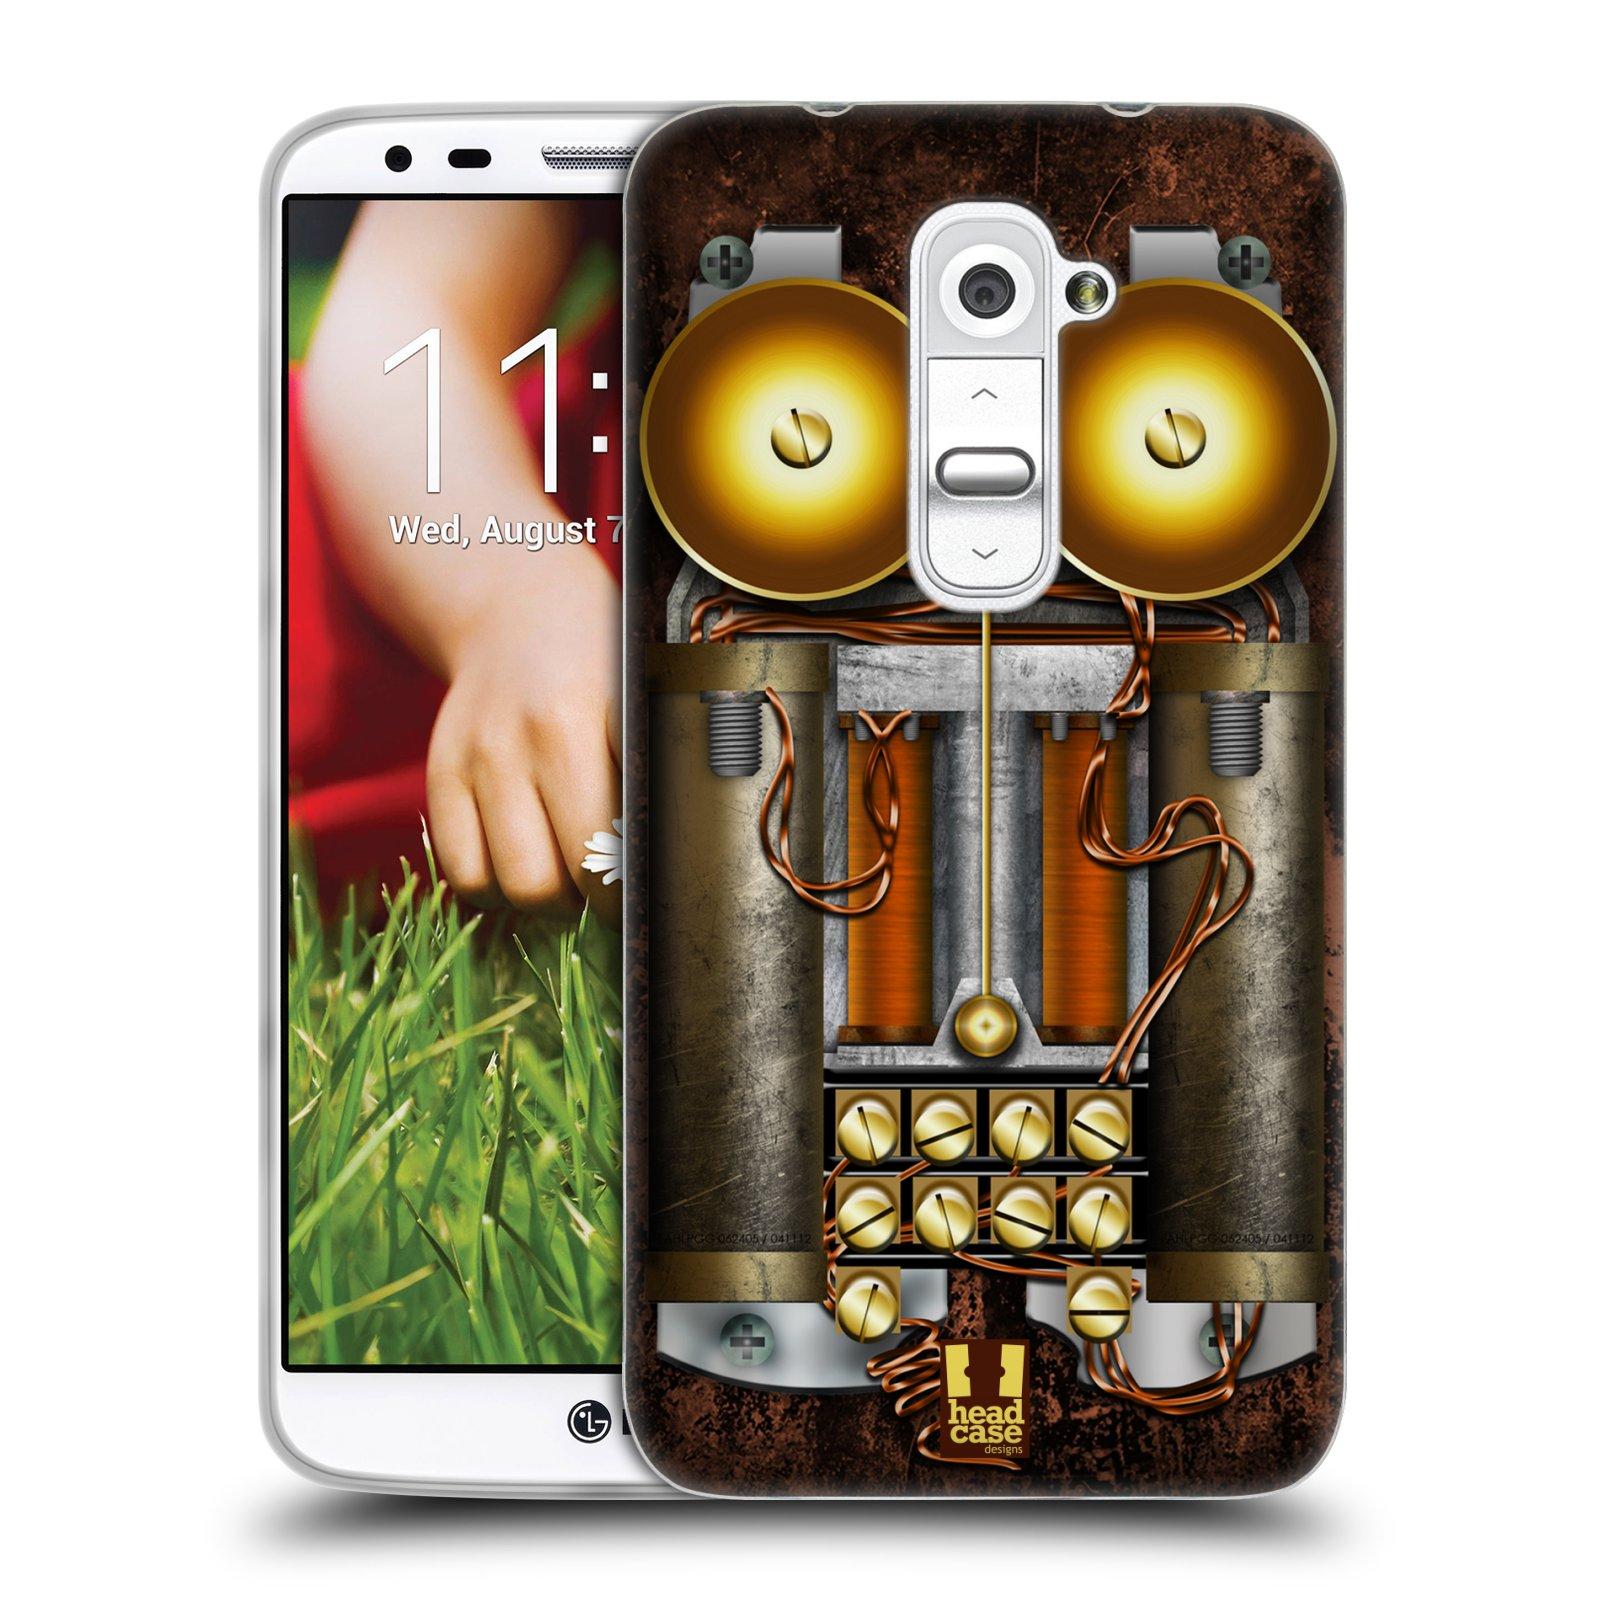 Silikonové pouzdro na mobil LG G2 HEAD CASE STEAMPUNK TELEFON (Silikonový kryt či obal na mobilní telefon LG G2 D802)